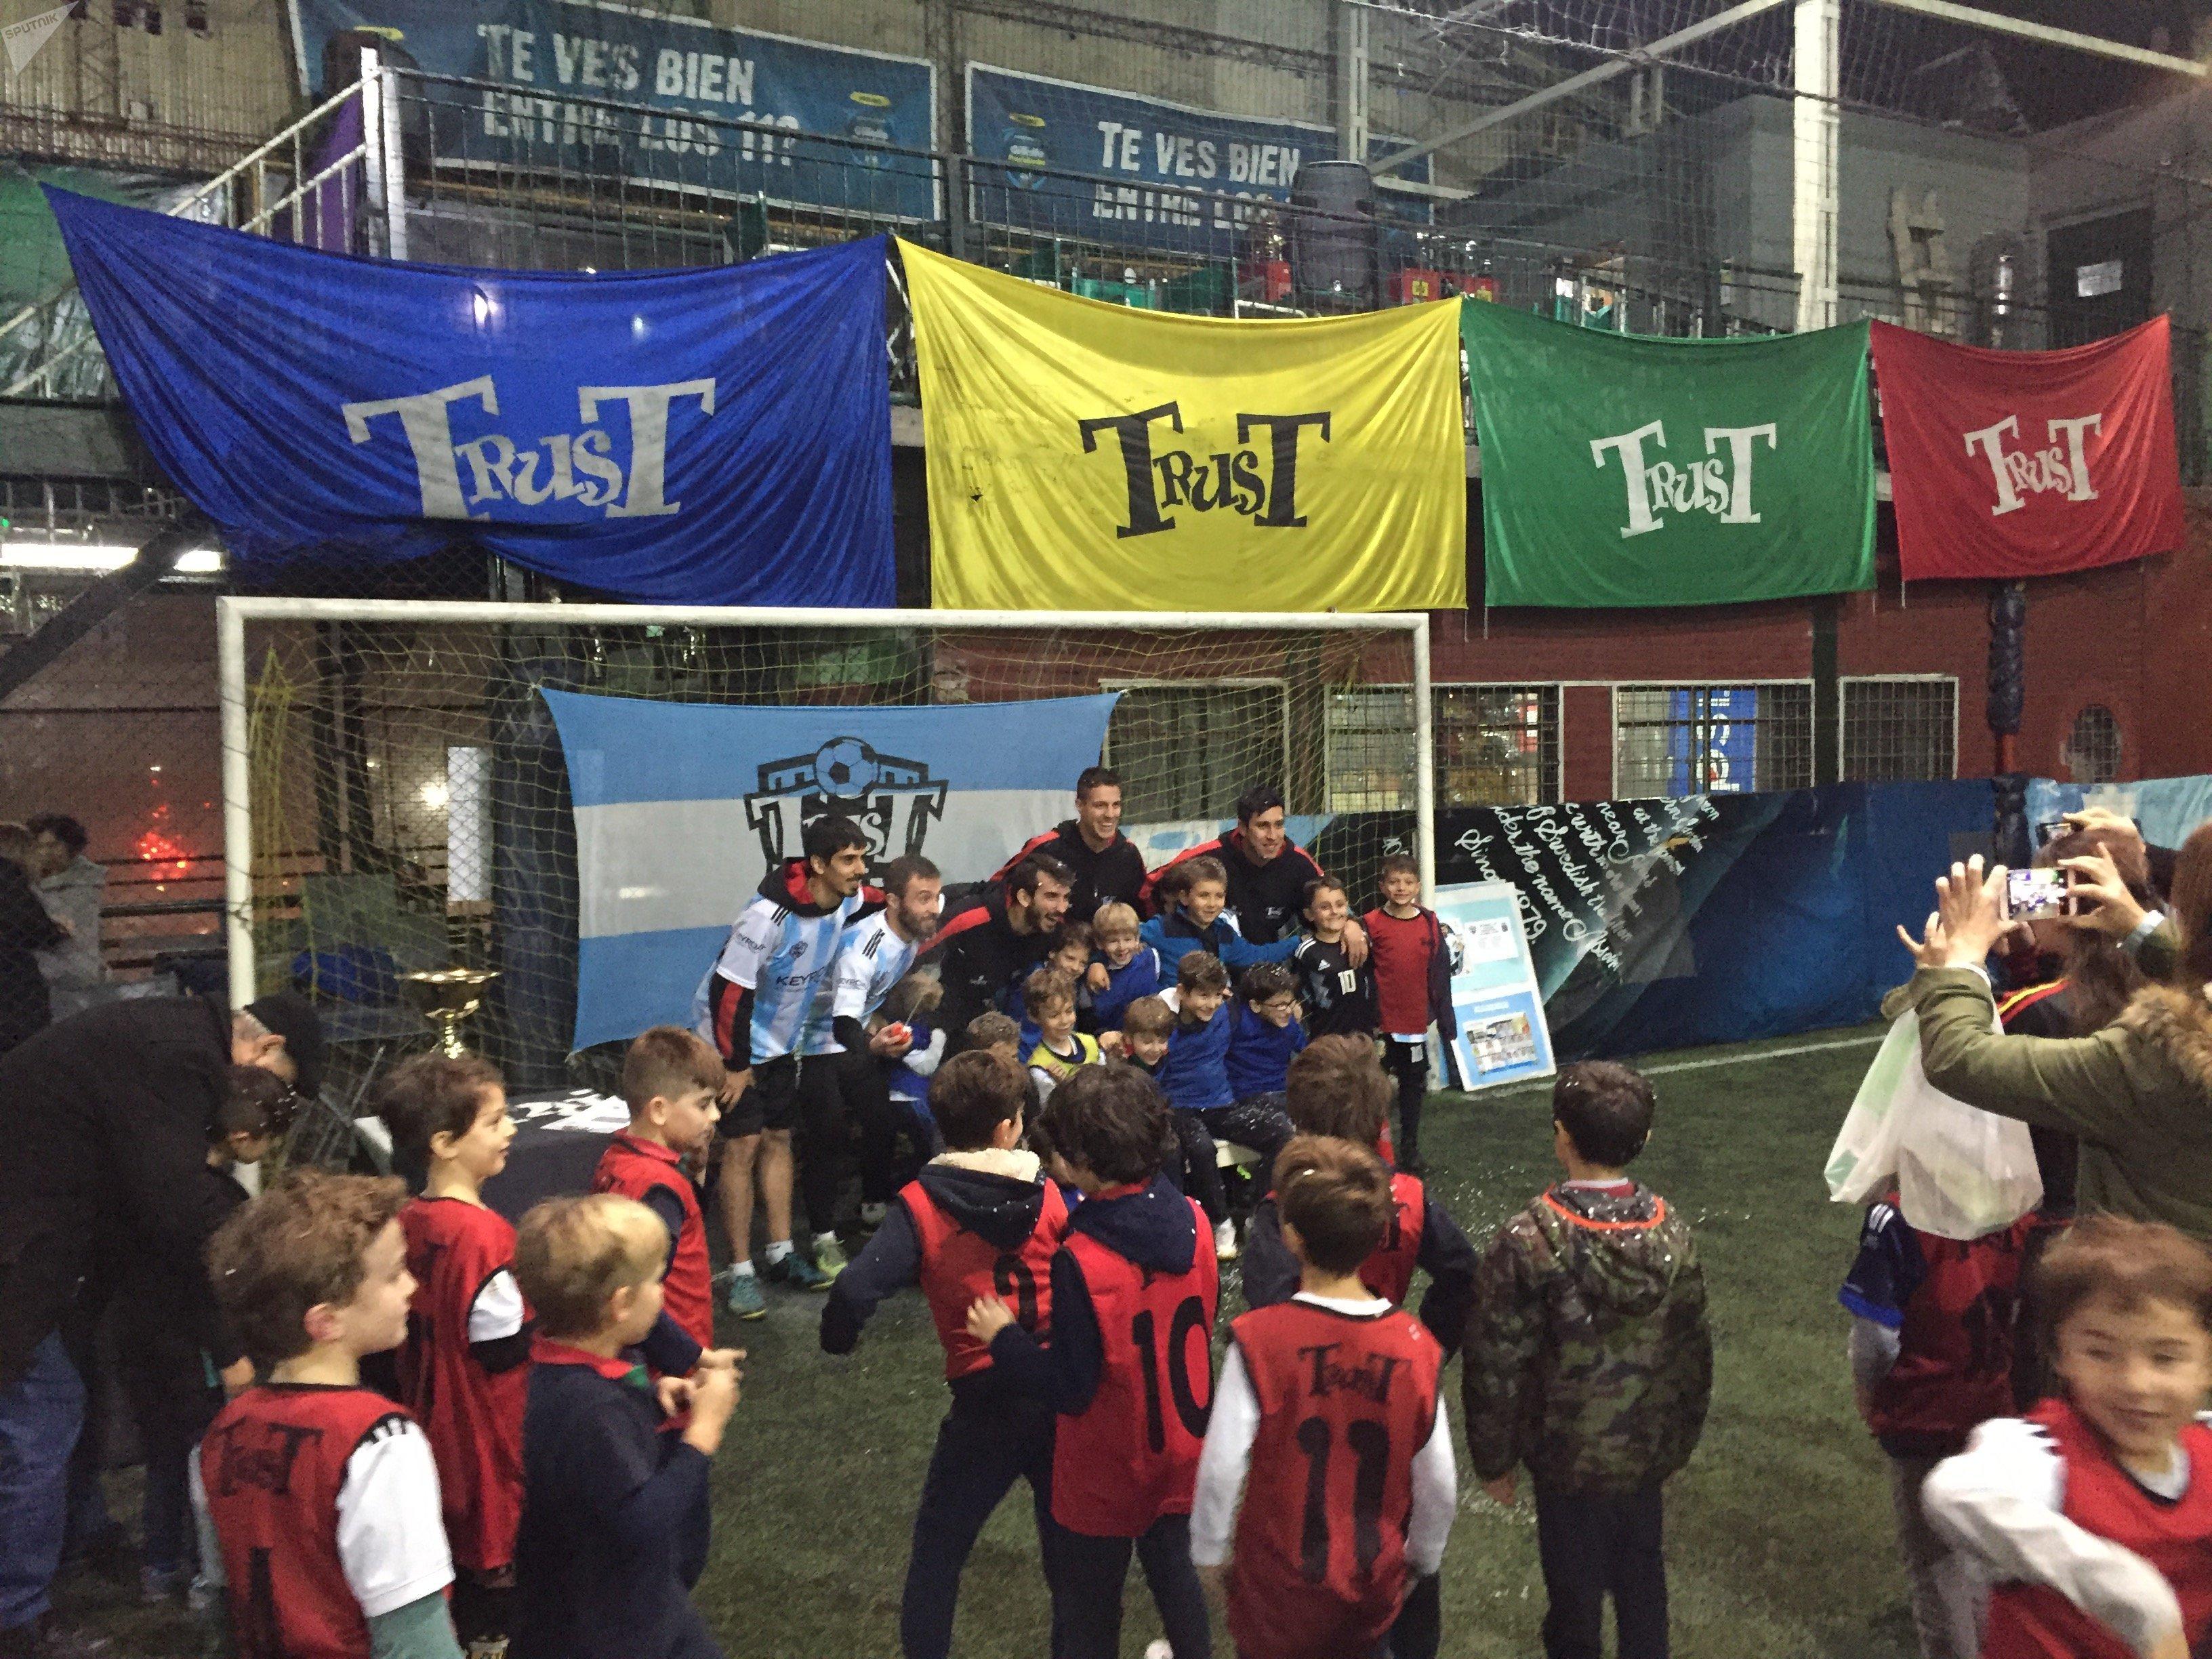 Escuela de fútbol para niños, Buenos Aires, Argentina